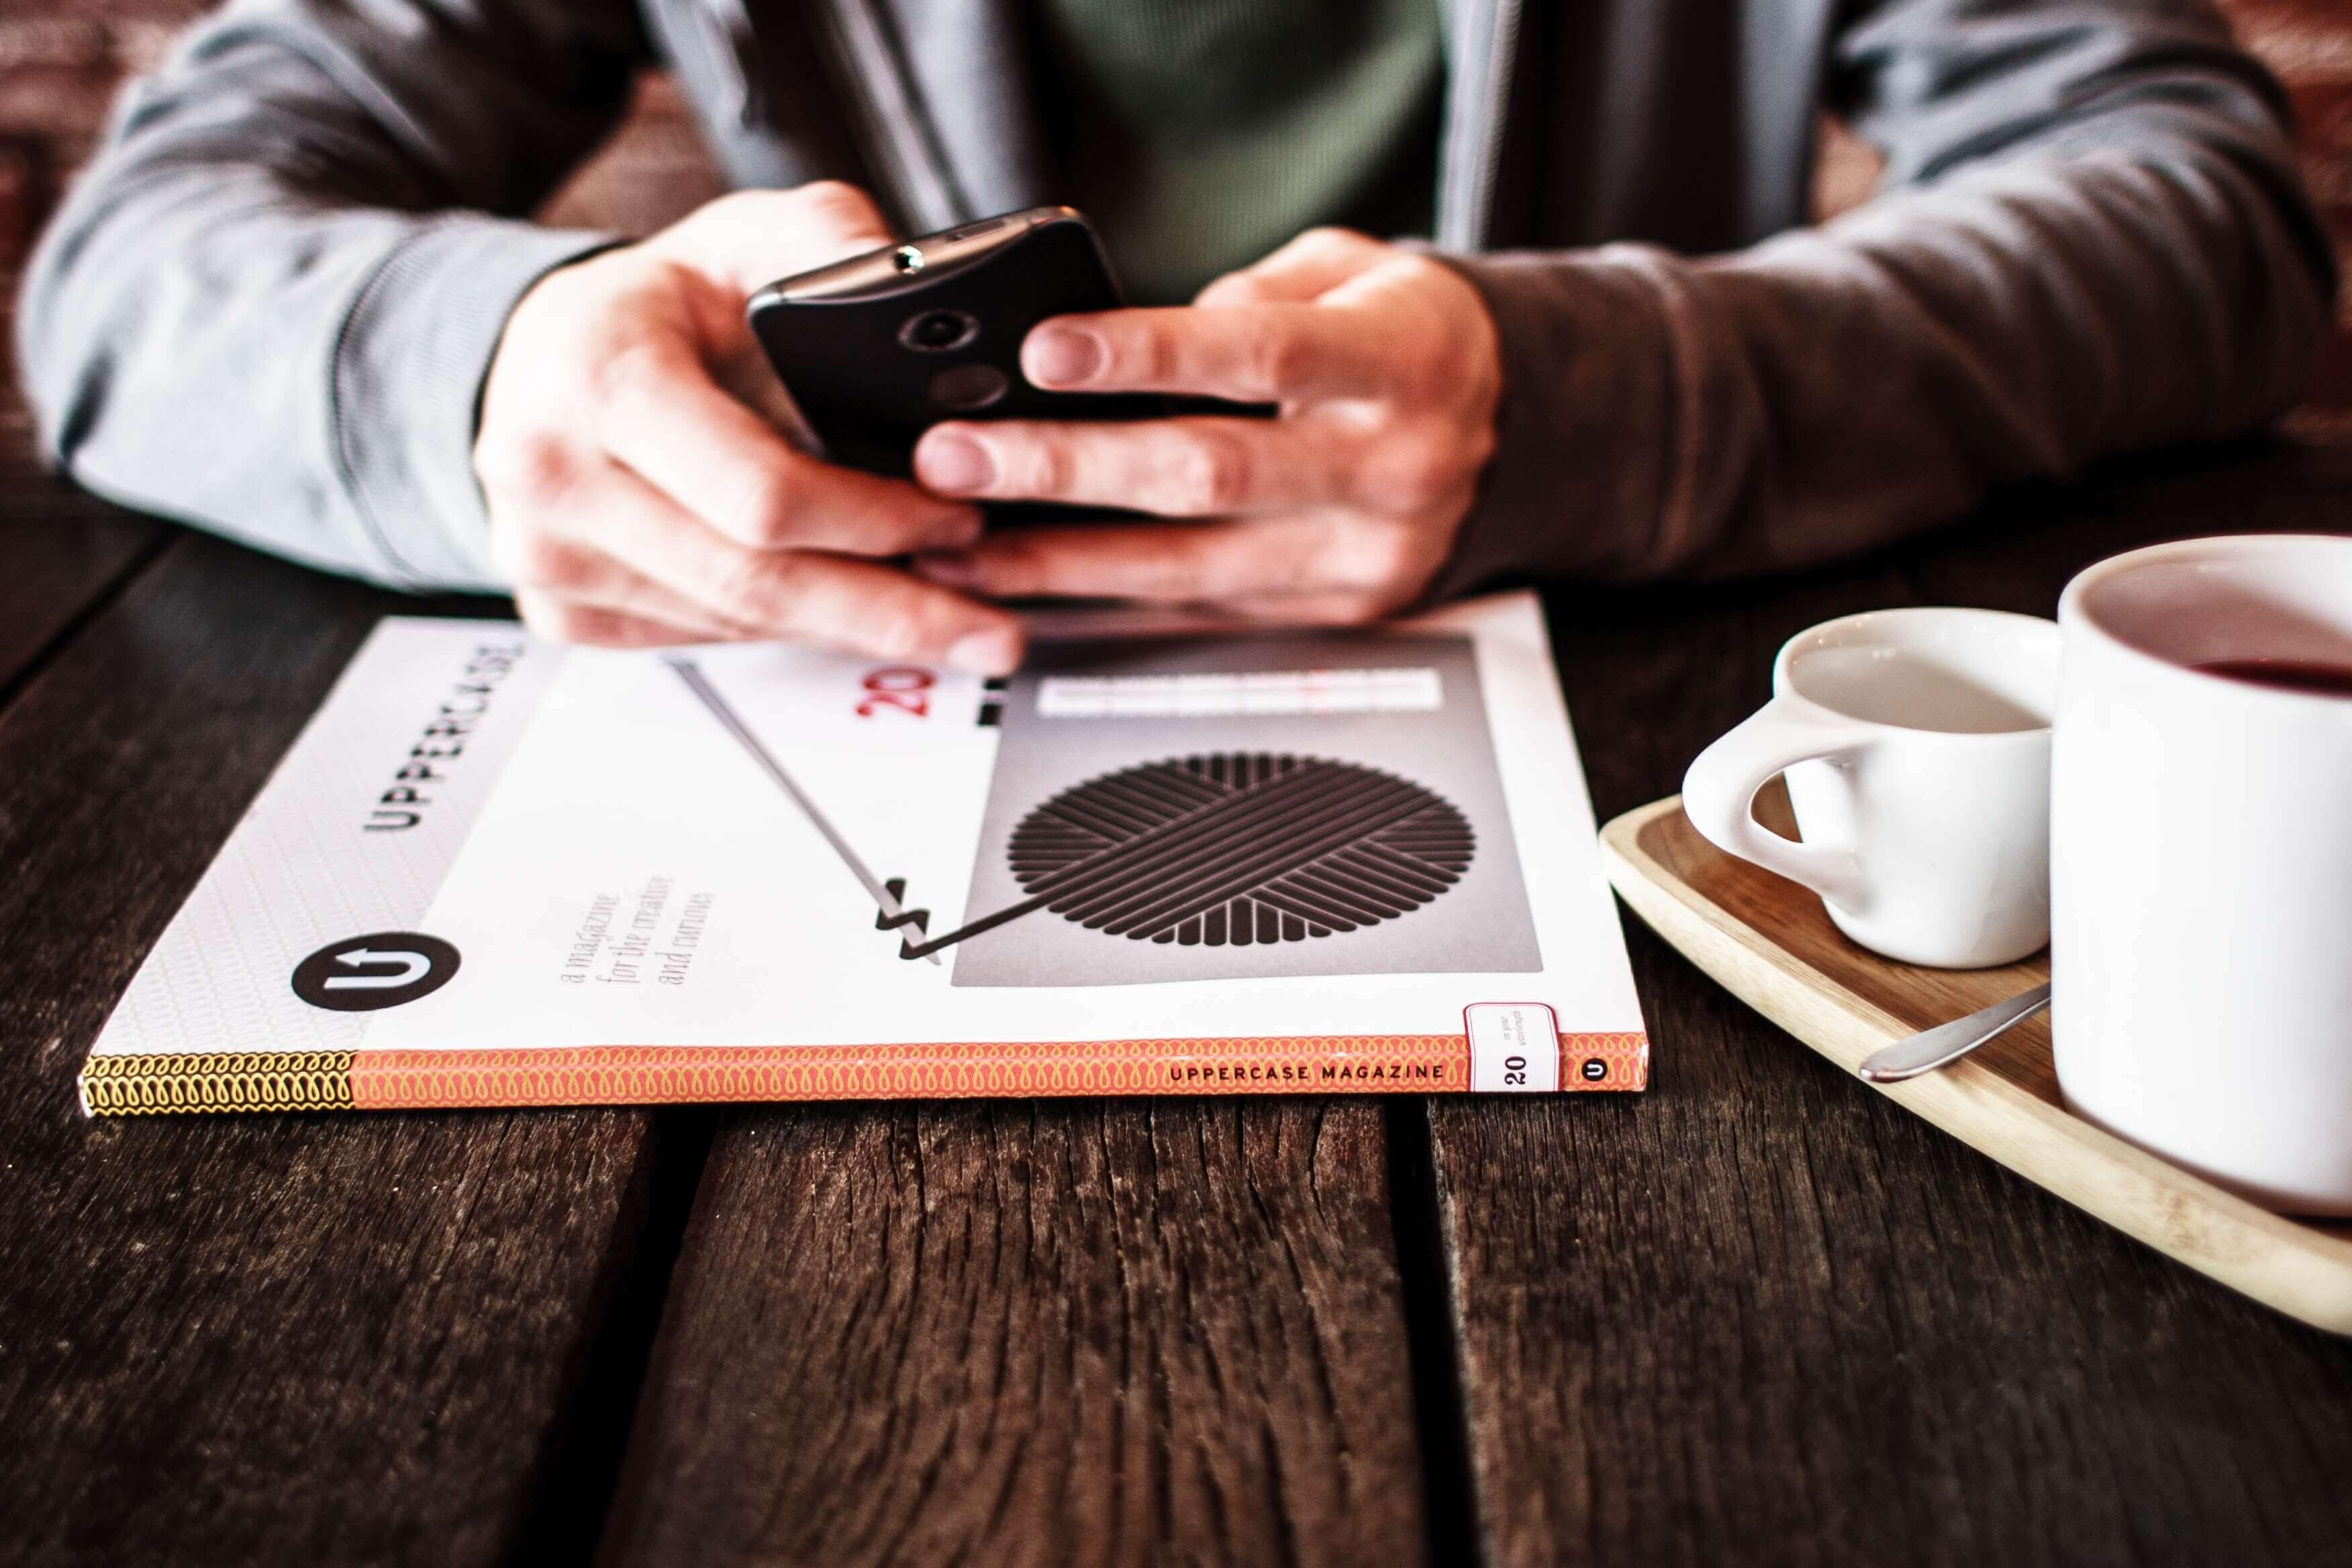 Welke apps zijn niet meer te missen in je telefoon?